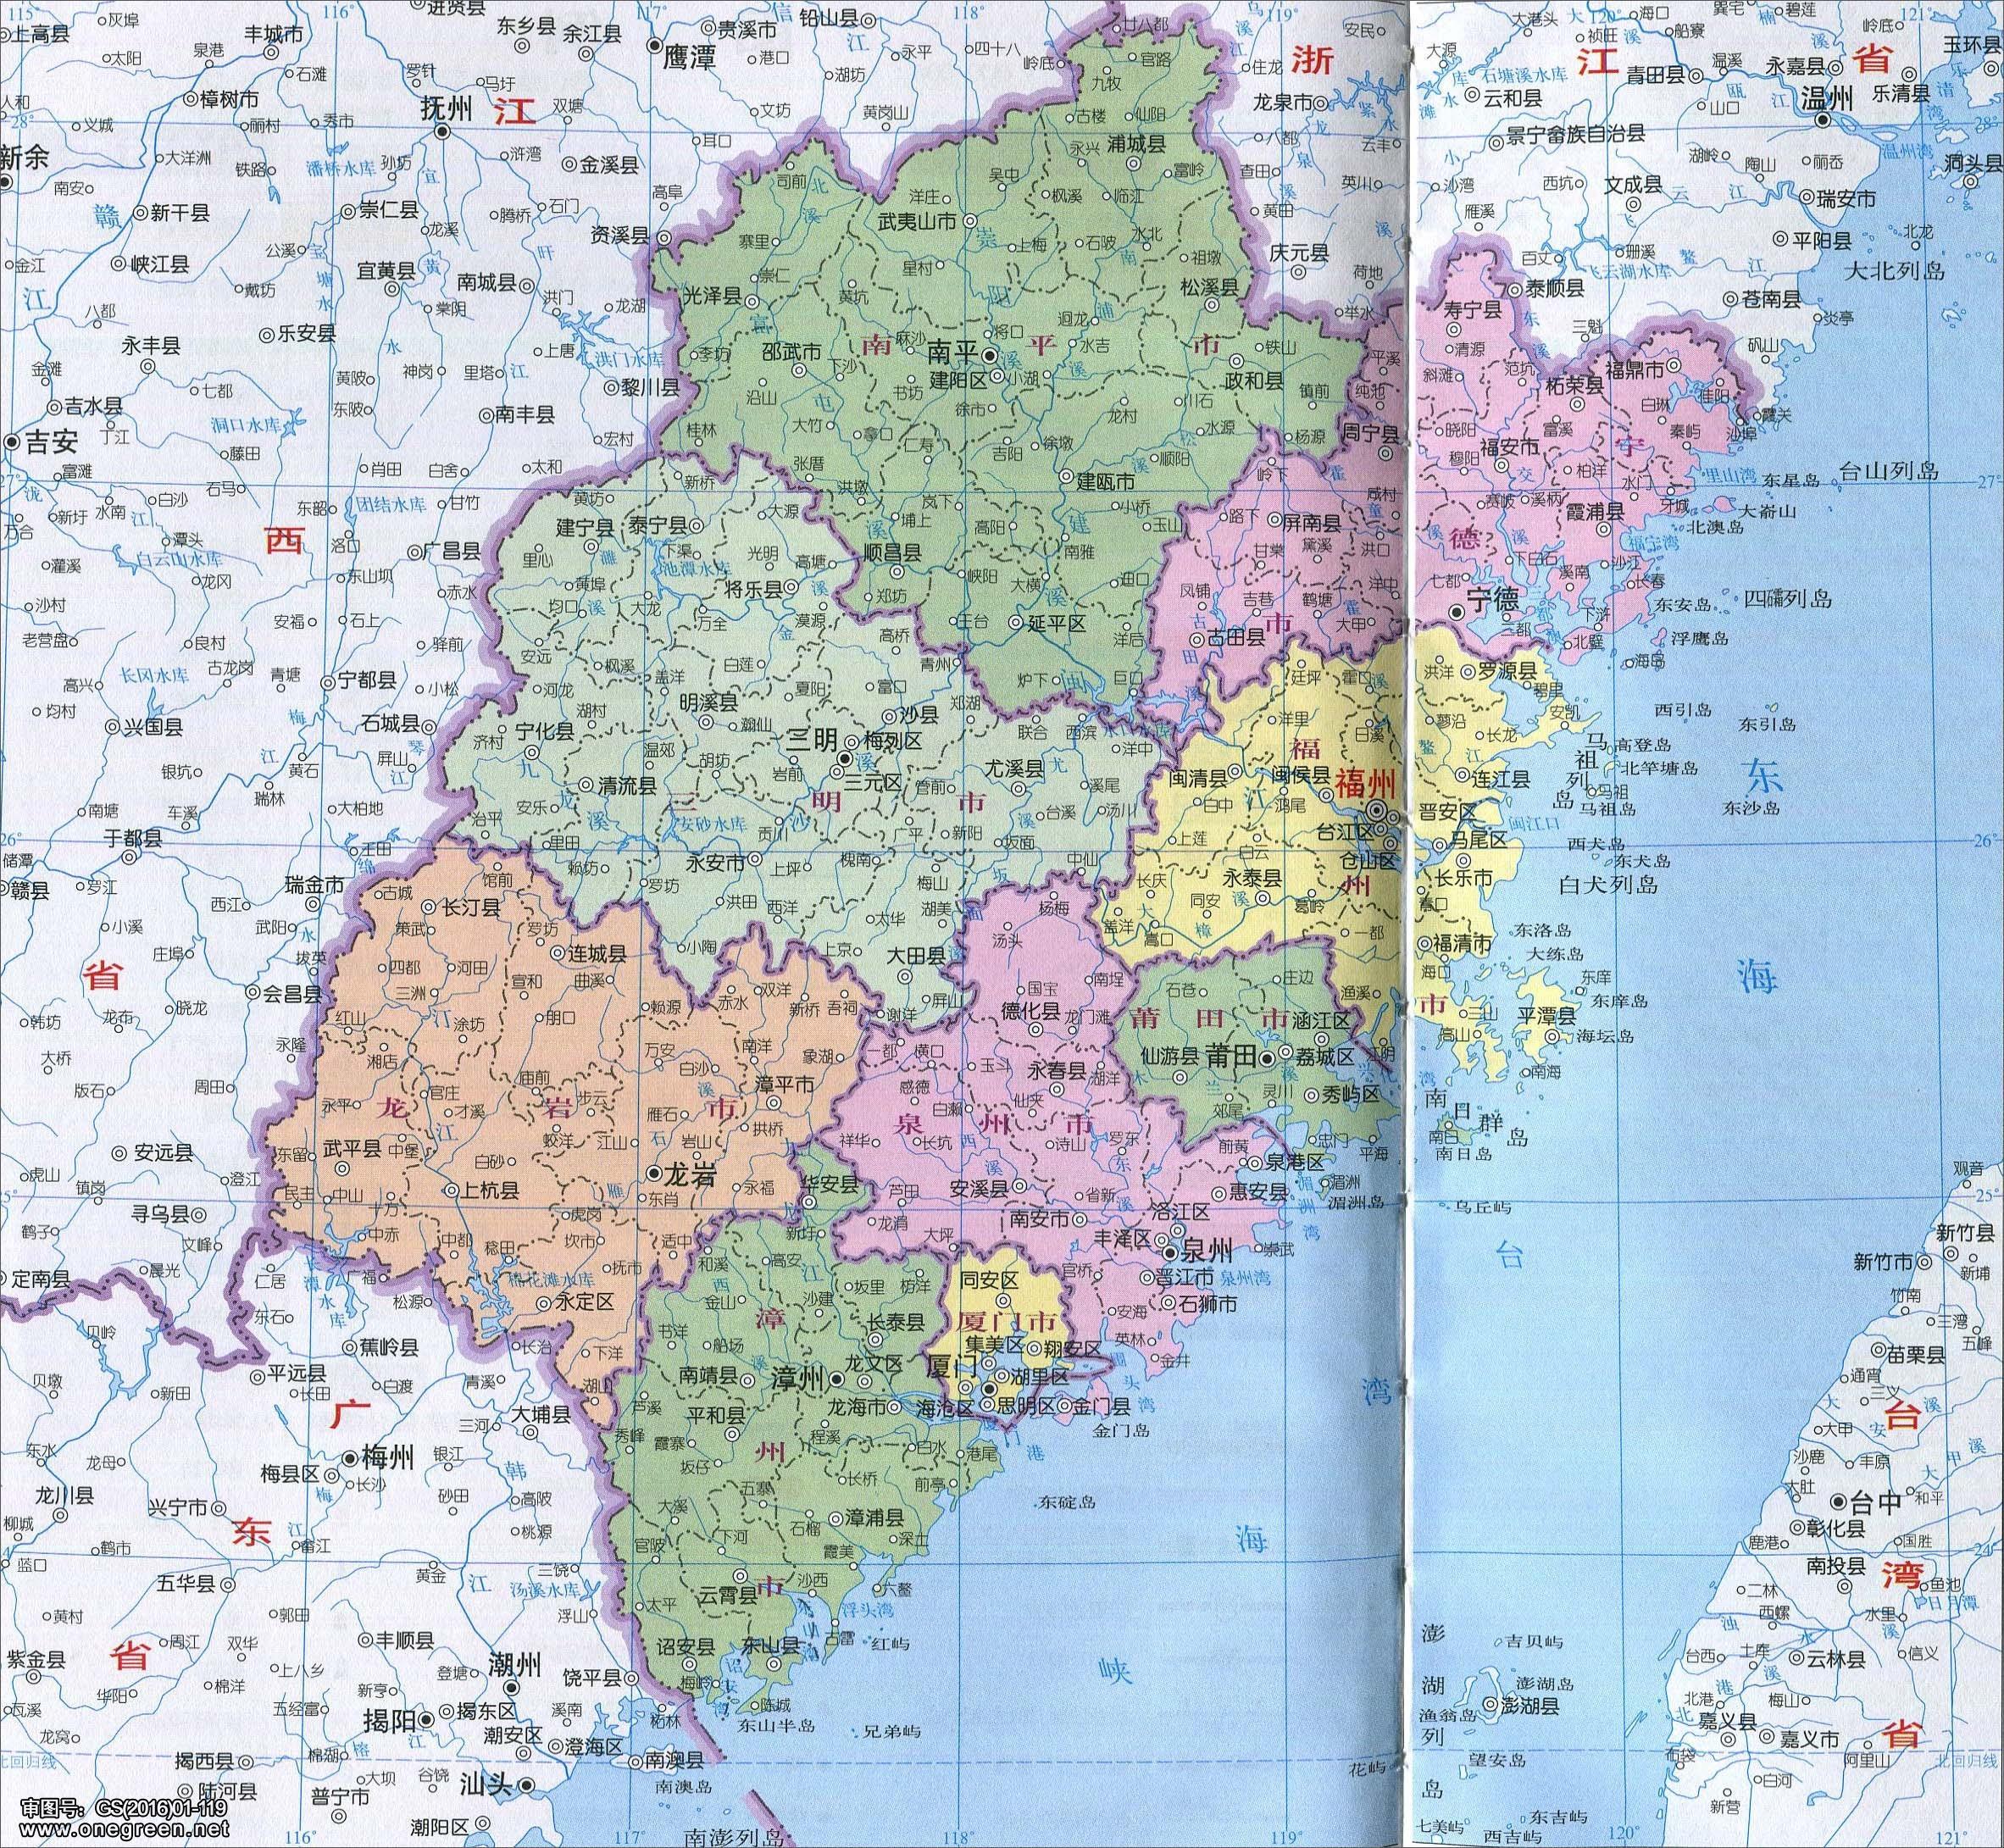 福建福州市区地图_福建地图全图高清版_地图窝